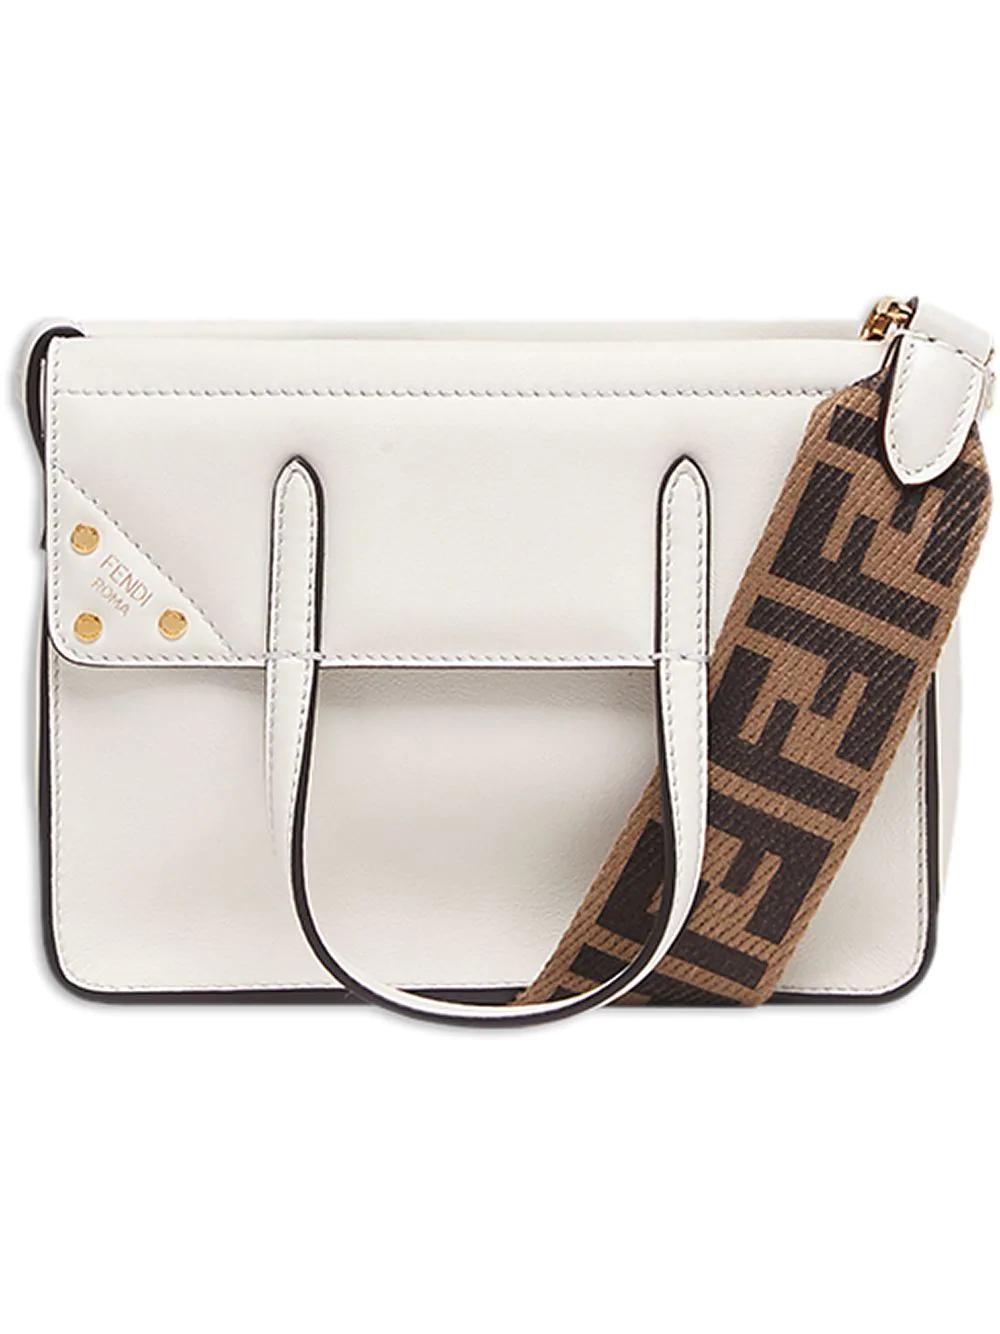 f4fb9bca1c5e Fendi Flip Mini Handbag - White